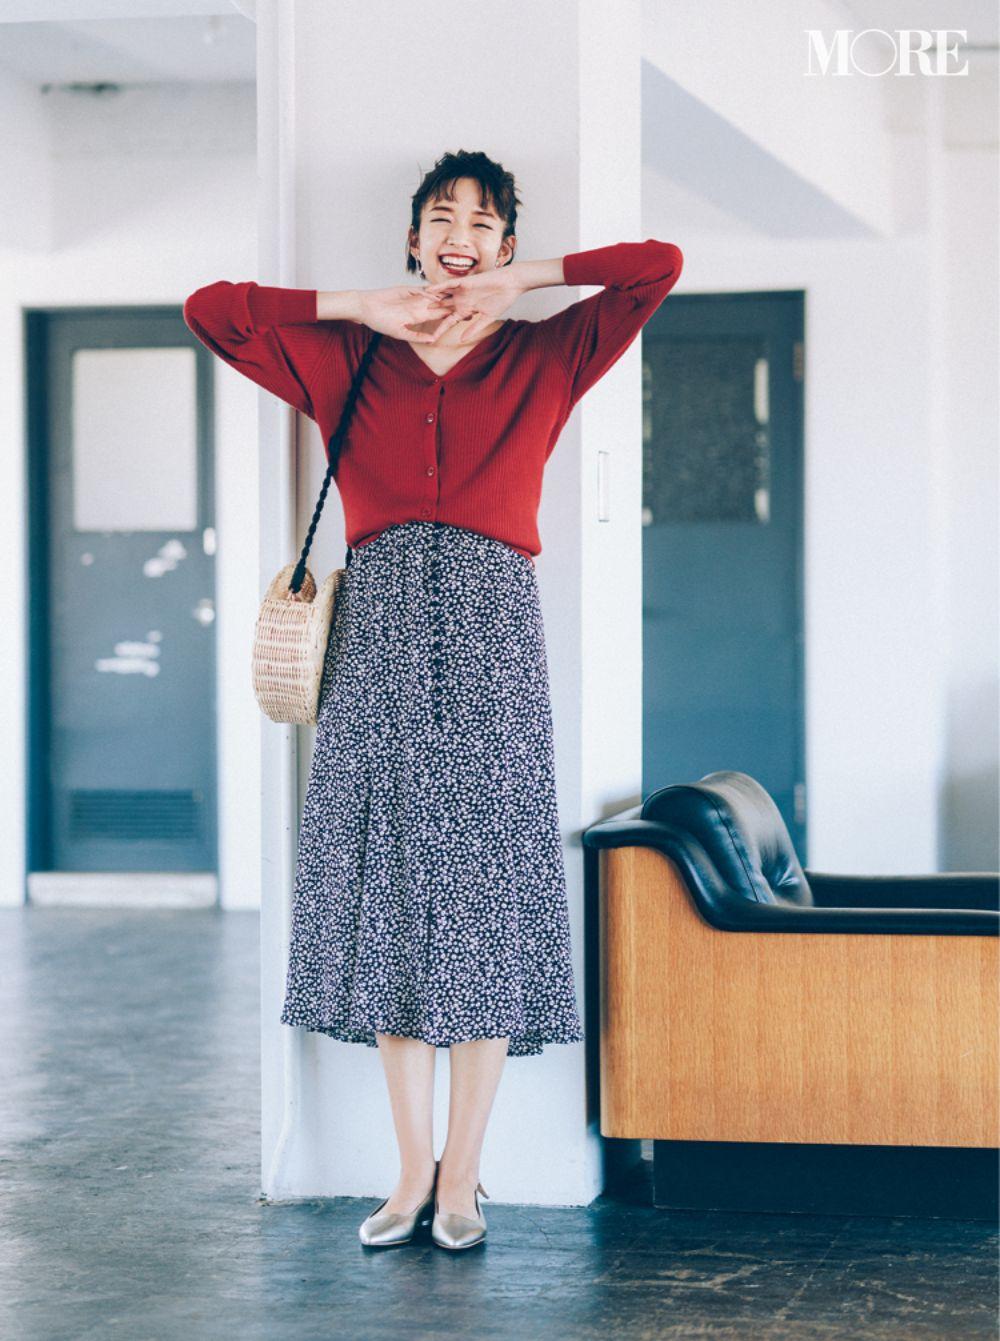 大人かわいいプチプラファッション特集《2019夏》 - 20代後半女子におすすめのきれいめコーデまとめ_26